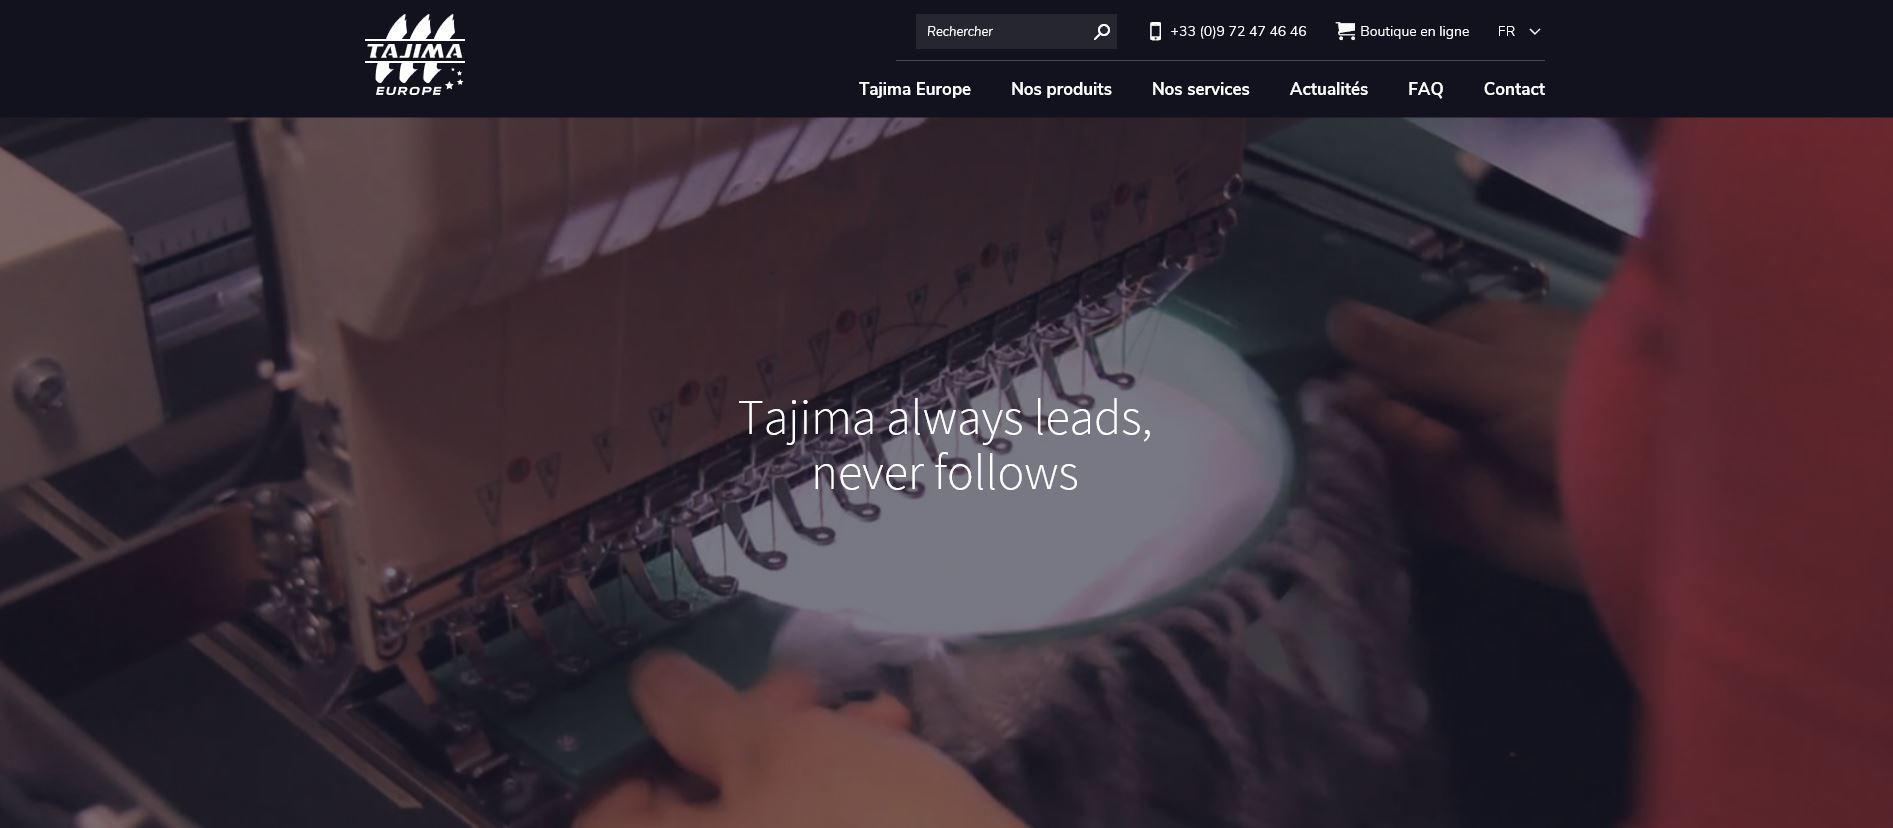 Connexion réussie pour Tajima Europe entre sa gestion commerciale Sage et son site ecommerce PrestaShop